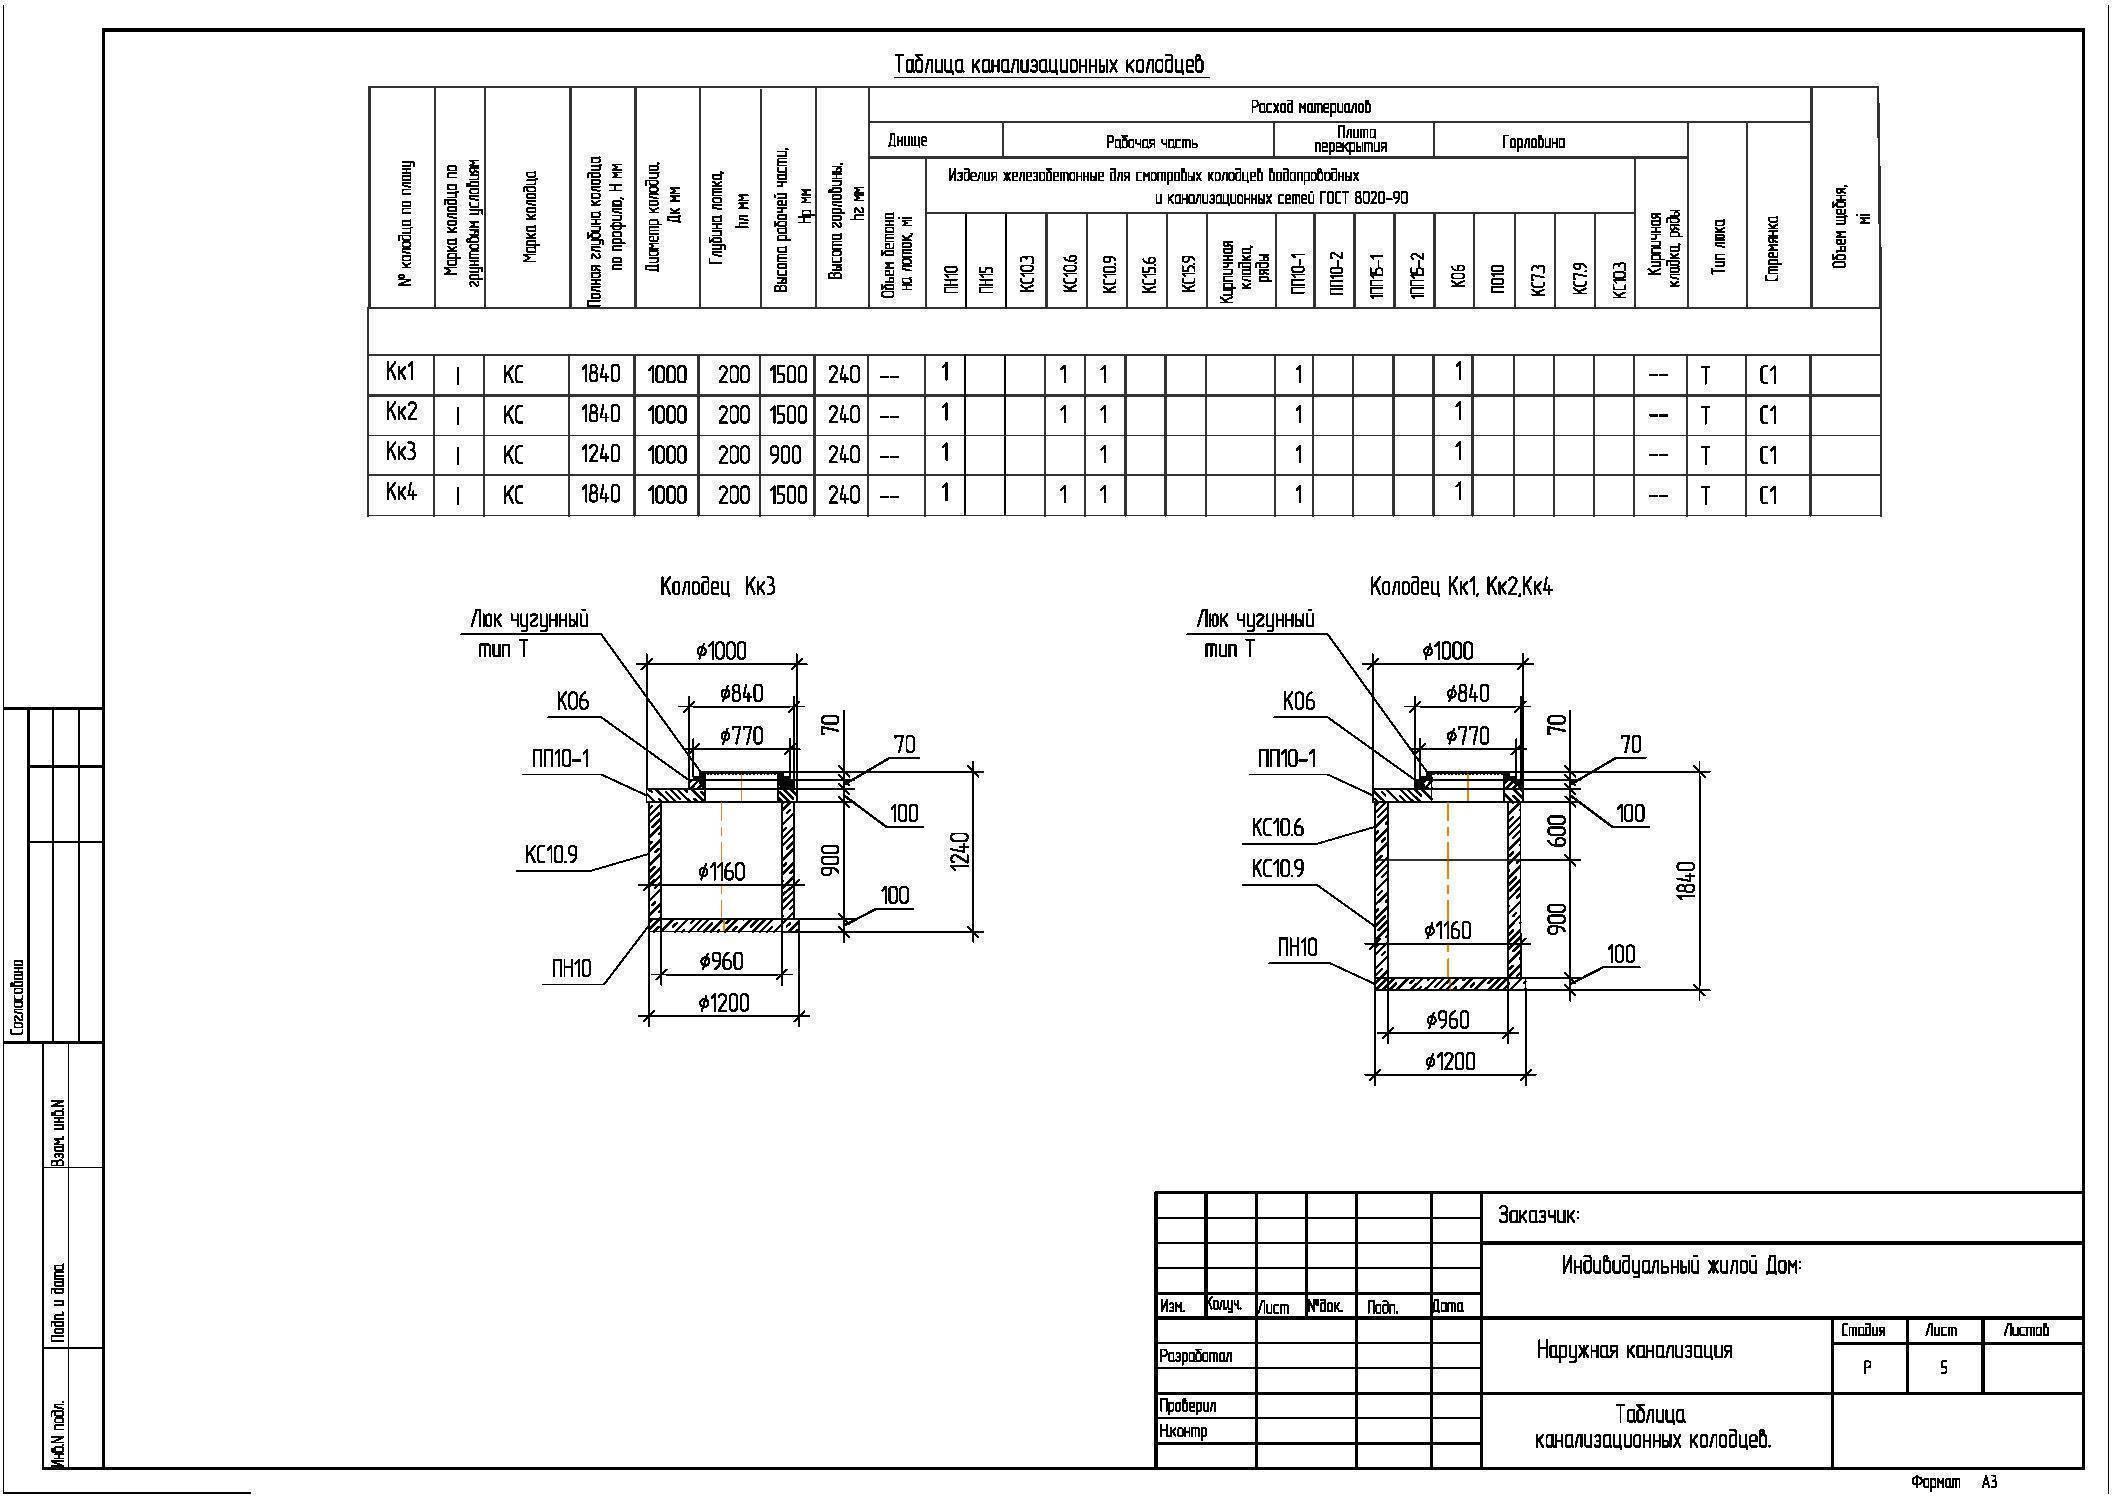 СНиП канализации и наружных сетей: правила, монтаж